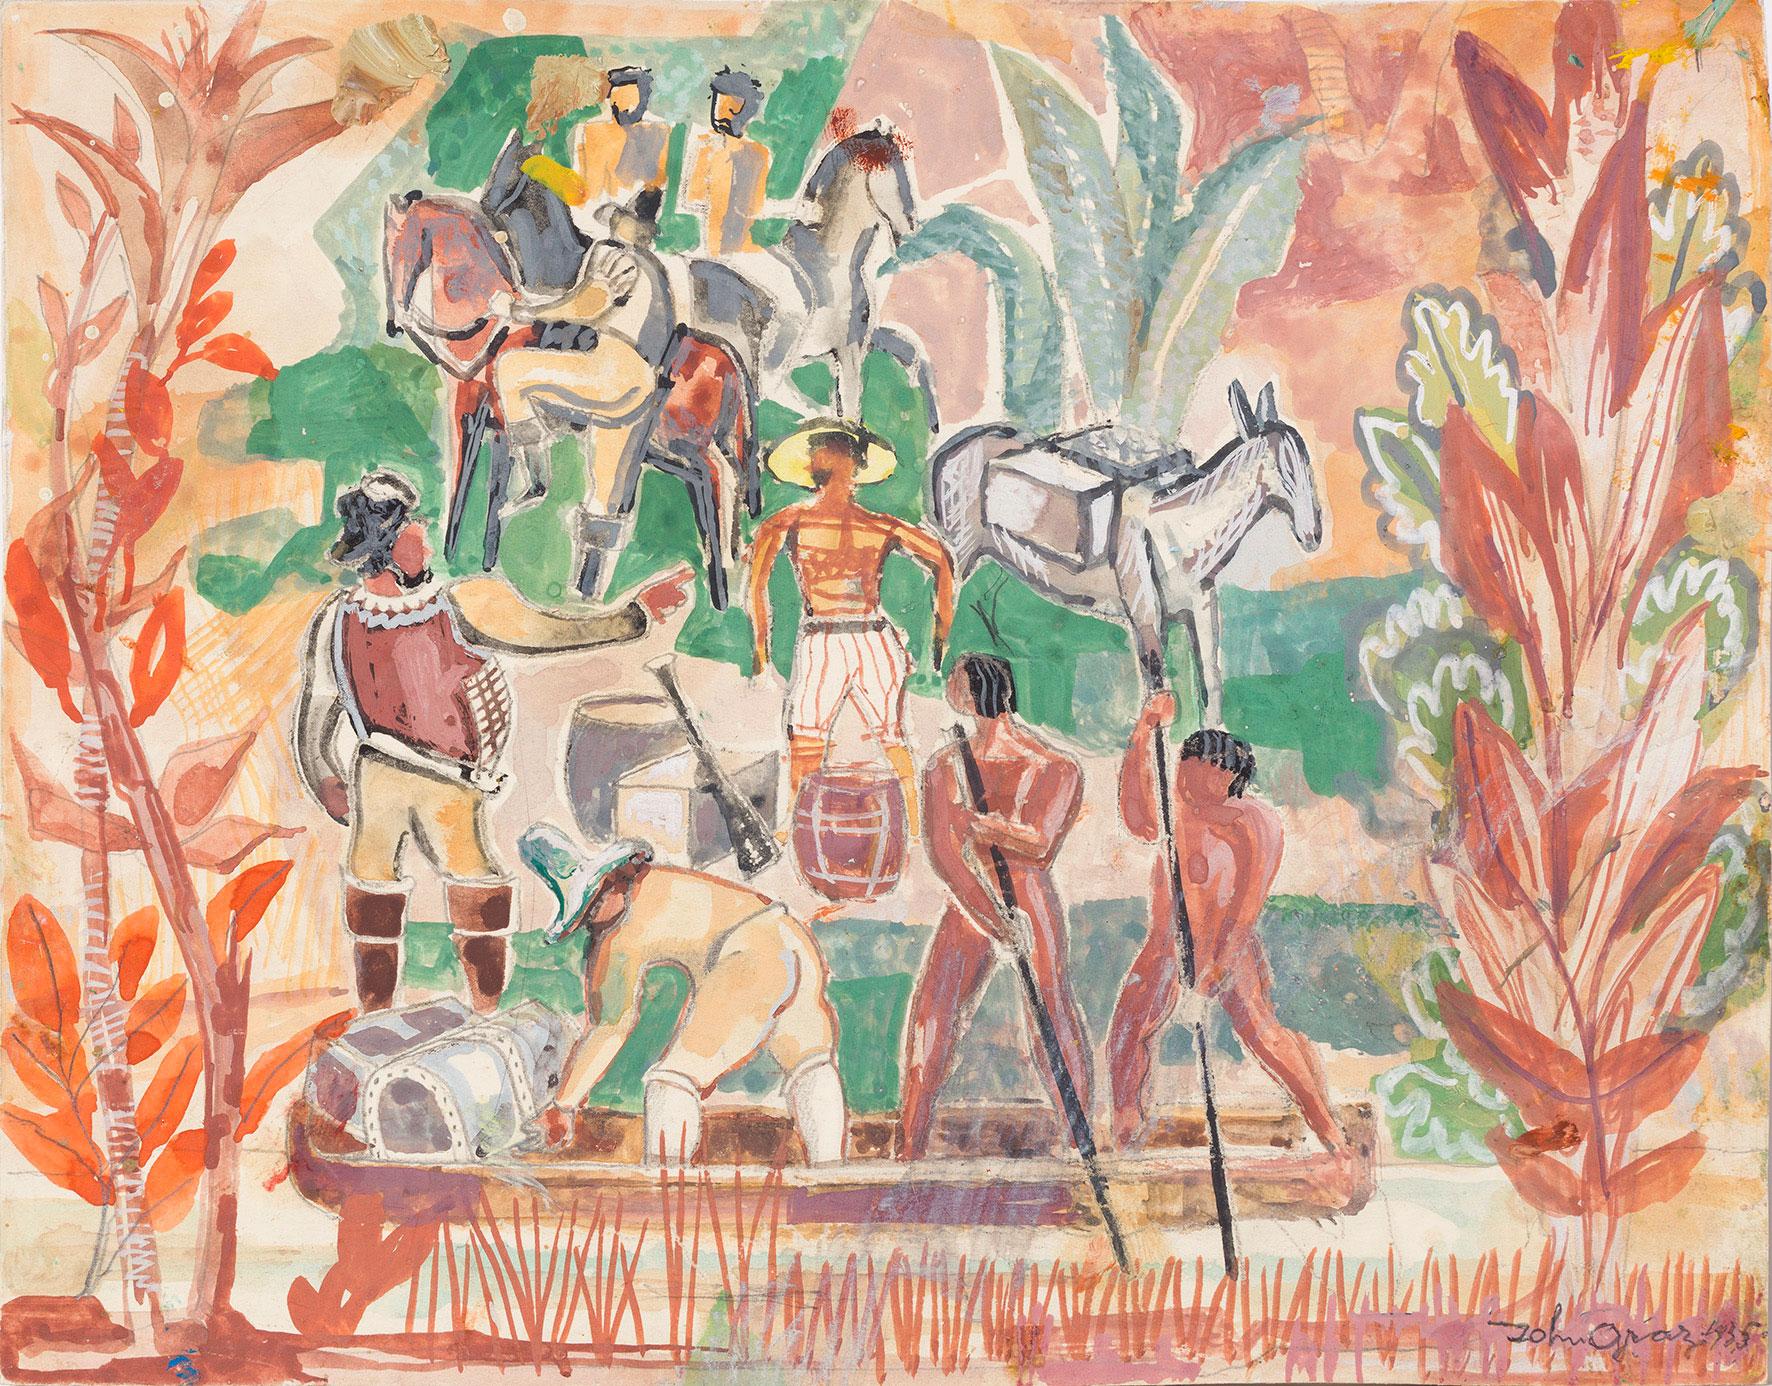 pinacoteca exposição john graz modernismo brasileiro inauguração abertura arte visual